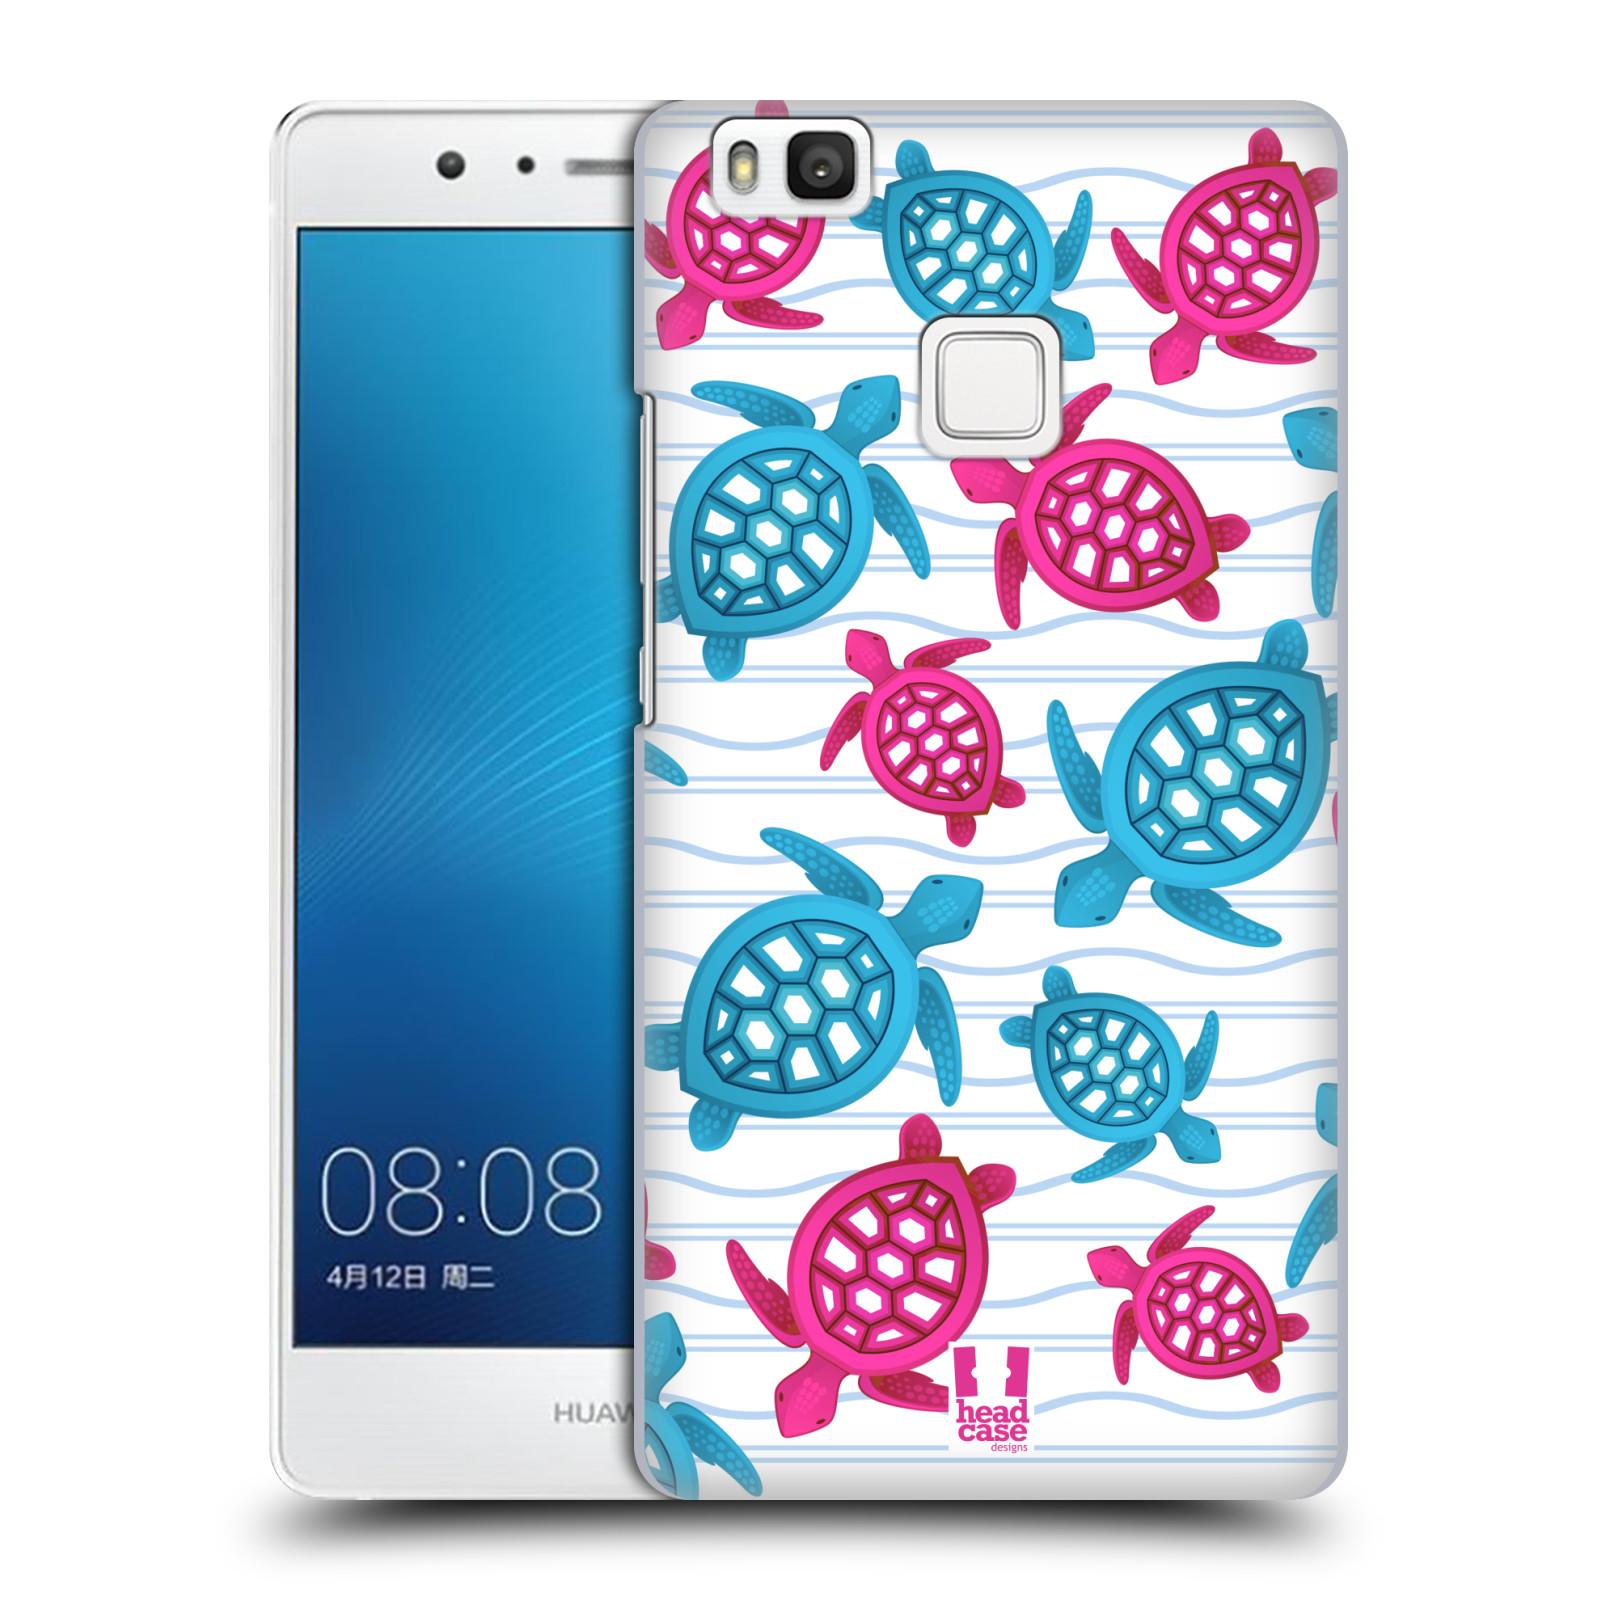 HEAD CASE plastový obal na mobil Huawei P9 LITE / P9 LITE DUAL SIM vzor mořský živočich želva modrá a růžová